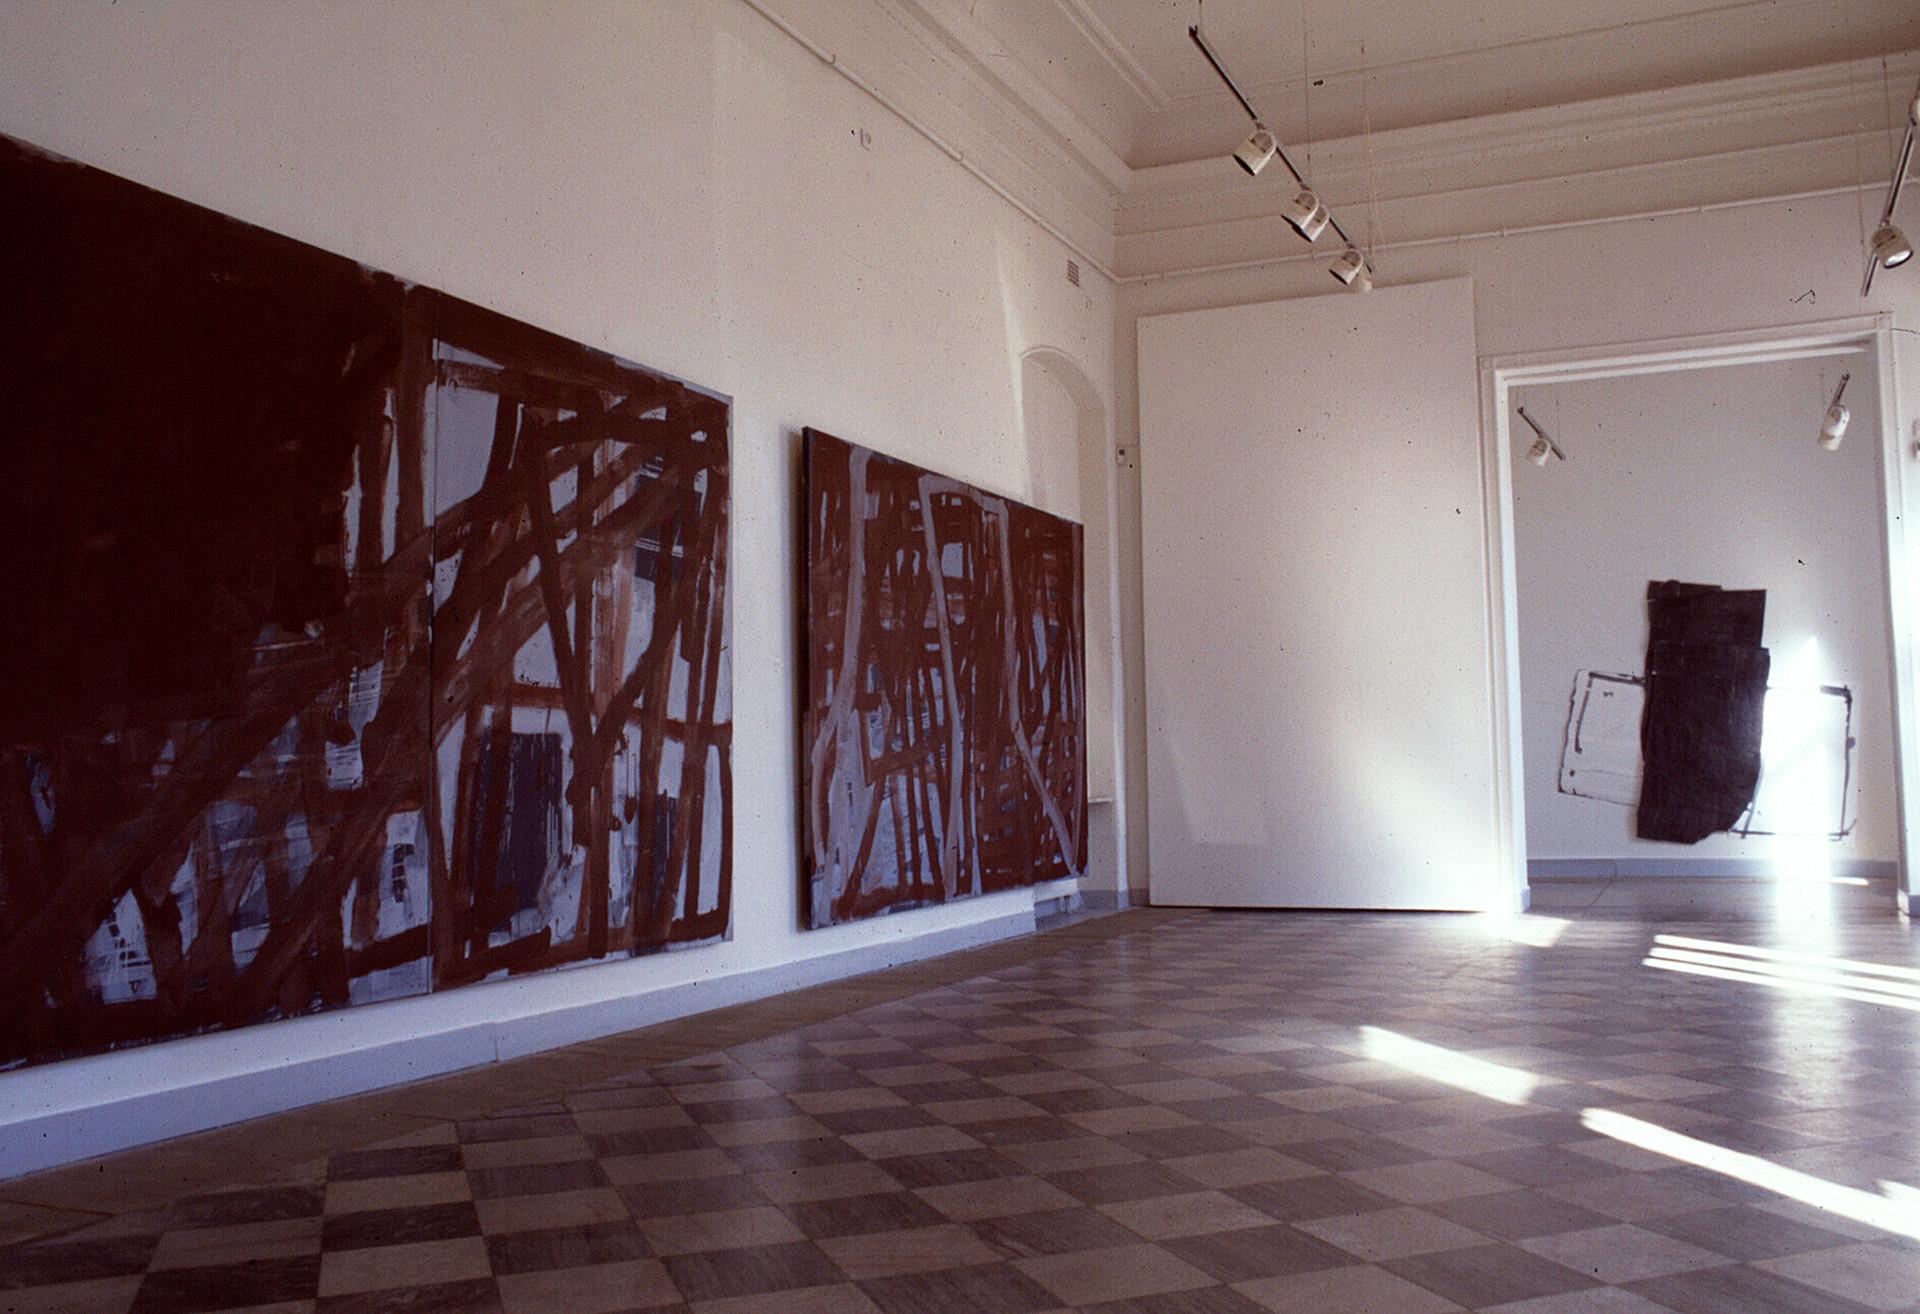 Gallery Kordagarda 1998